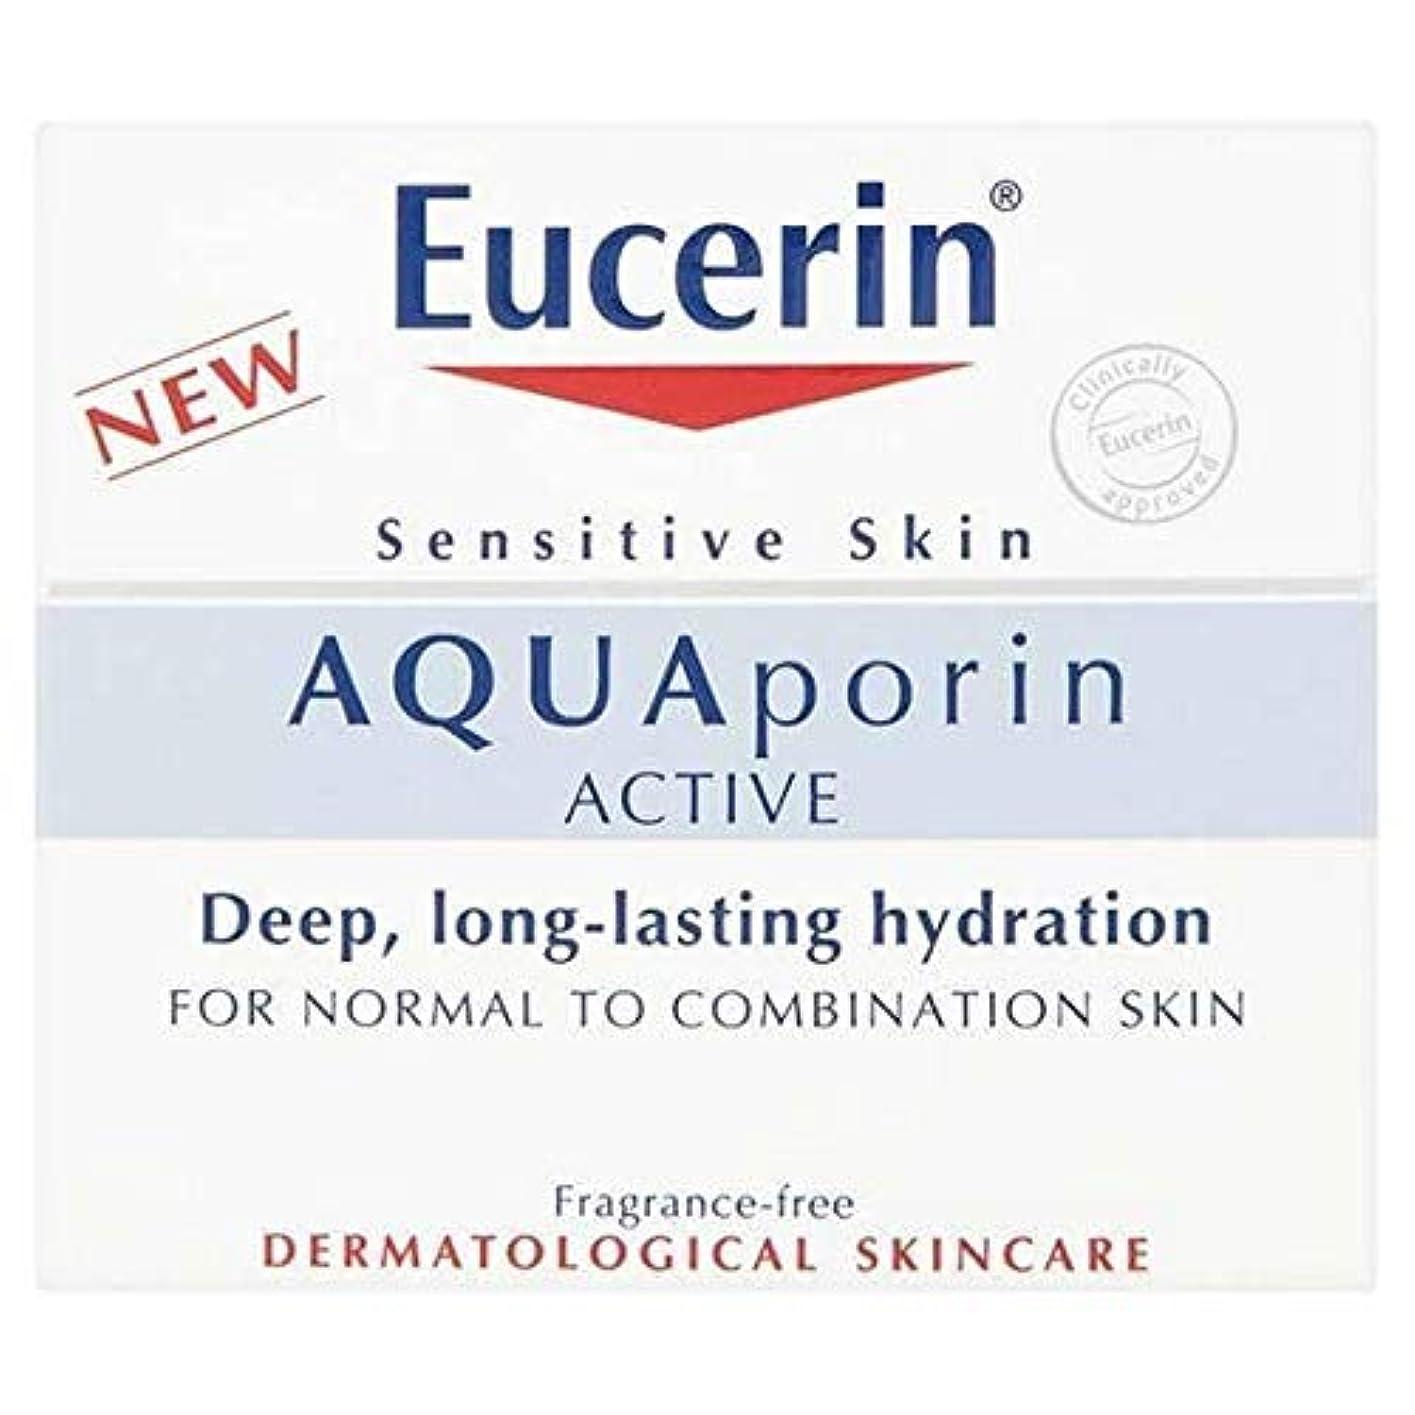 汚い取り付け自治的[Eucerin ] ノーマル/櫛皮膚50ミリリットルのためのユーセリンアクアポリンアクティブ水和 - Eucerin Aquaporin Active Hydration for Normal/Comb Skin 50ml...